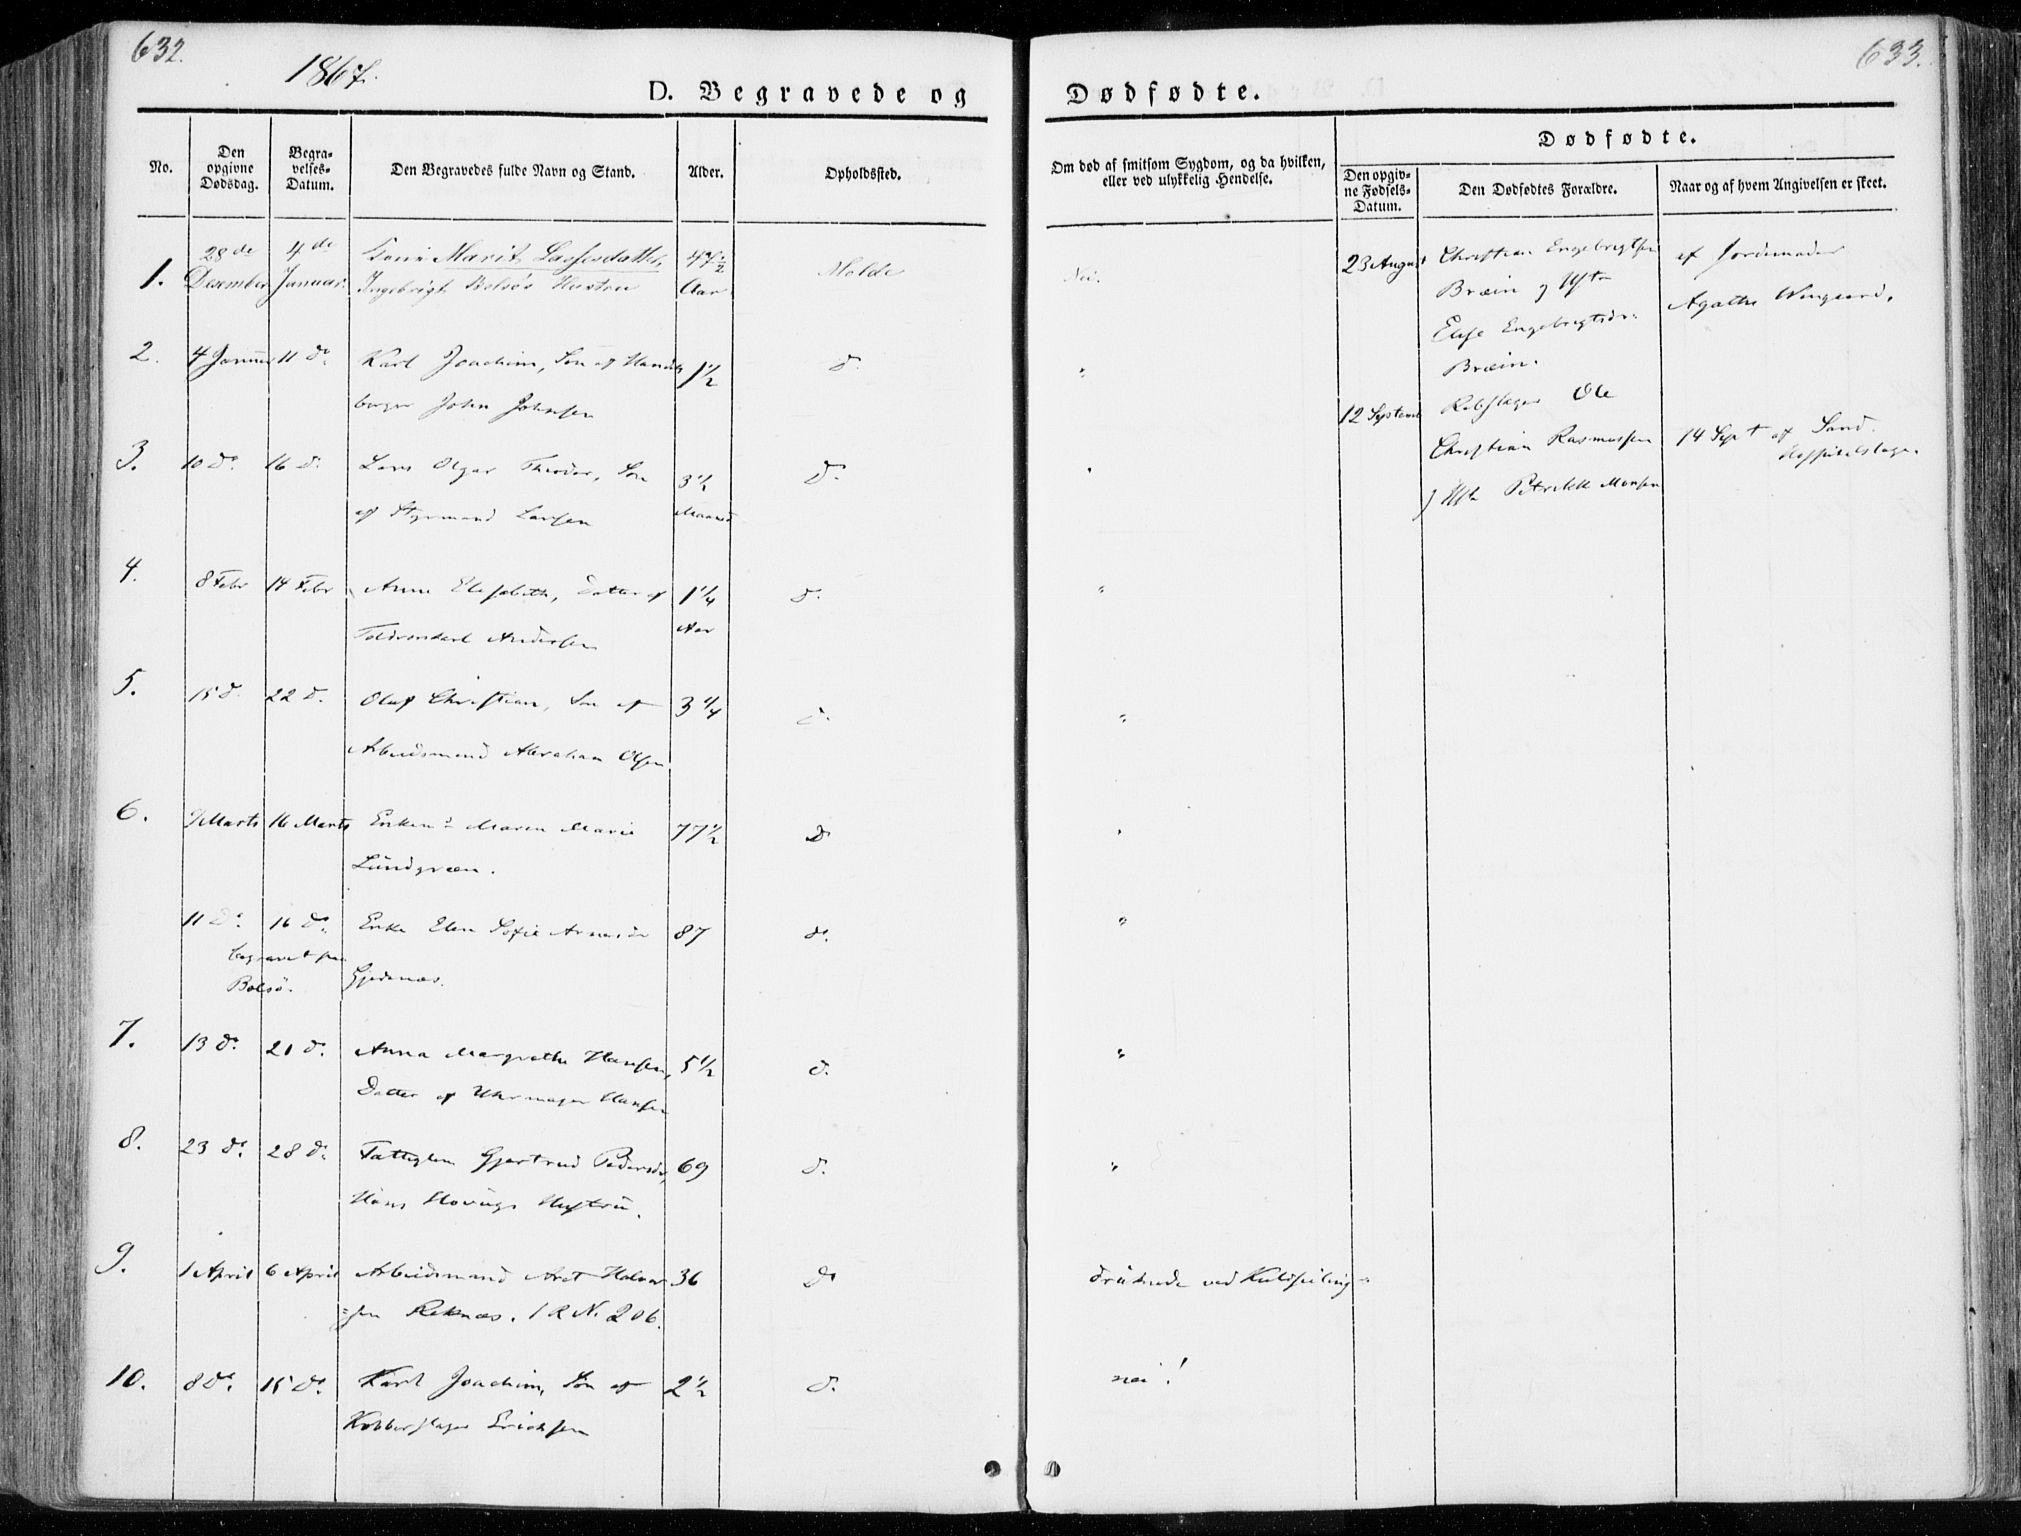 SAT, Ministerialprotokoller, klokkerbøker og fødselsregistre - Møre og Romsdal, 558/L0689: Ministerialbok nr. 558A03, 1843-1872, s. 632-633